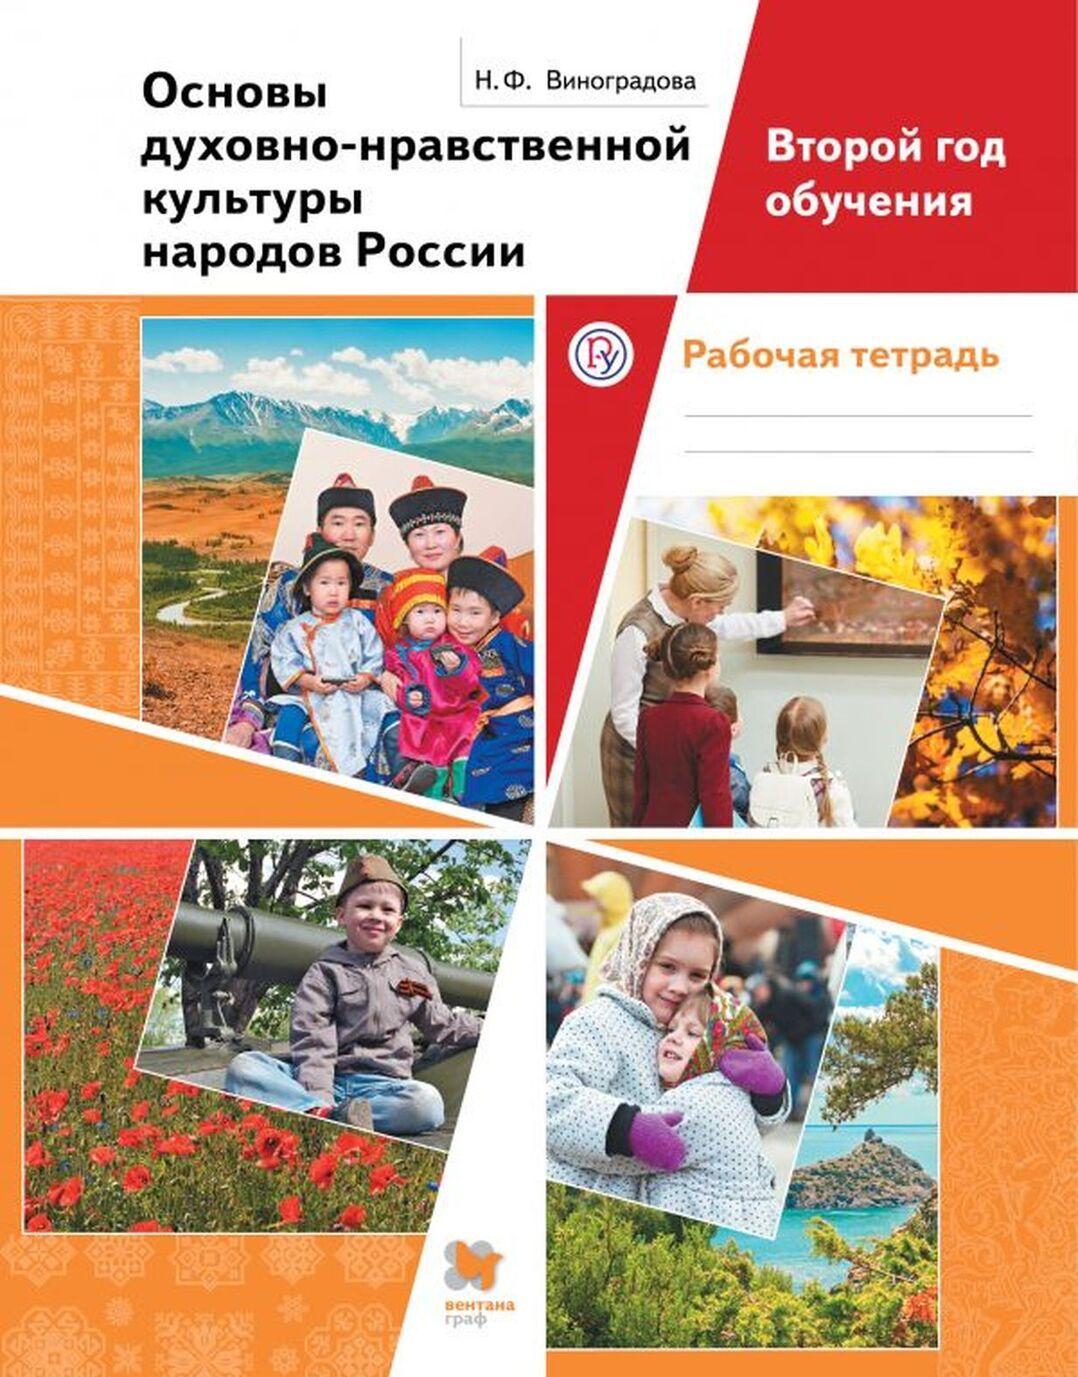 Osnovy dukhovno-nravstvennoj kultury narodov Rossii. Vtoroj god obuchenija. Rabochaja tetrad | Vinogradova Natalja Fedorovna